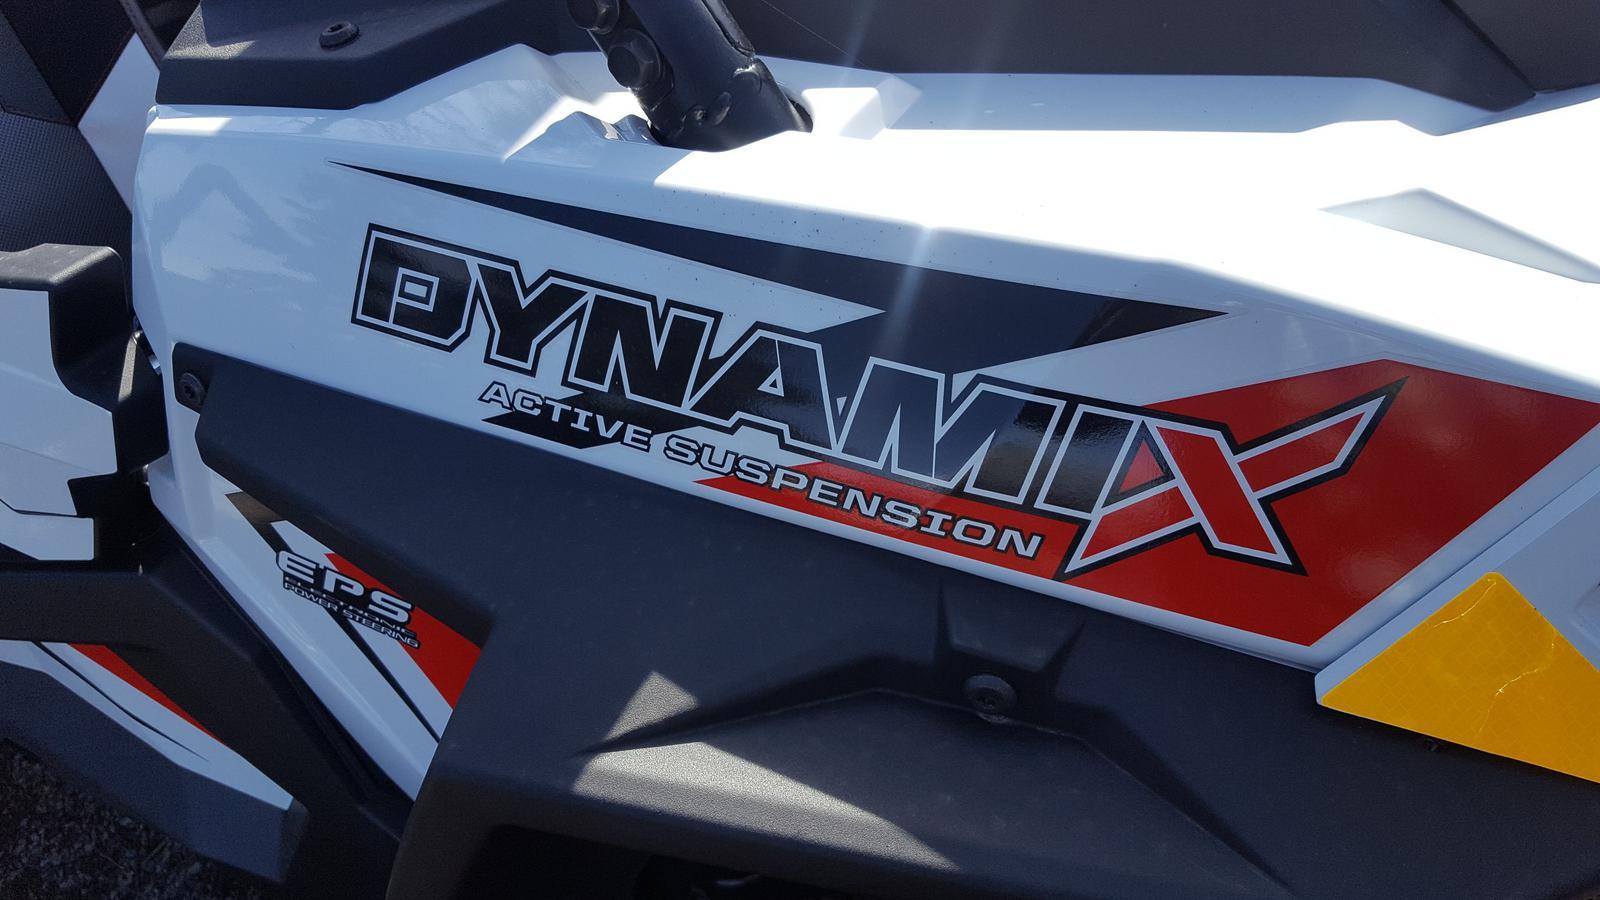 2019 Polaris Industries RZR XP 1000 DYNAMIX